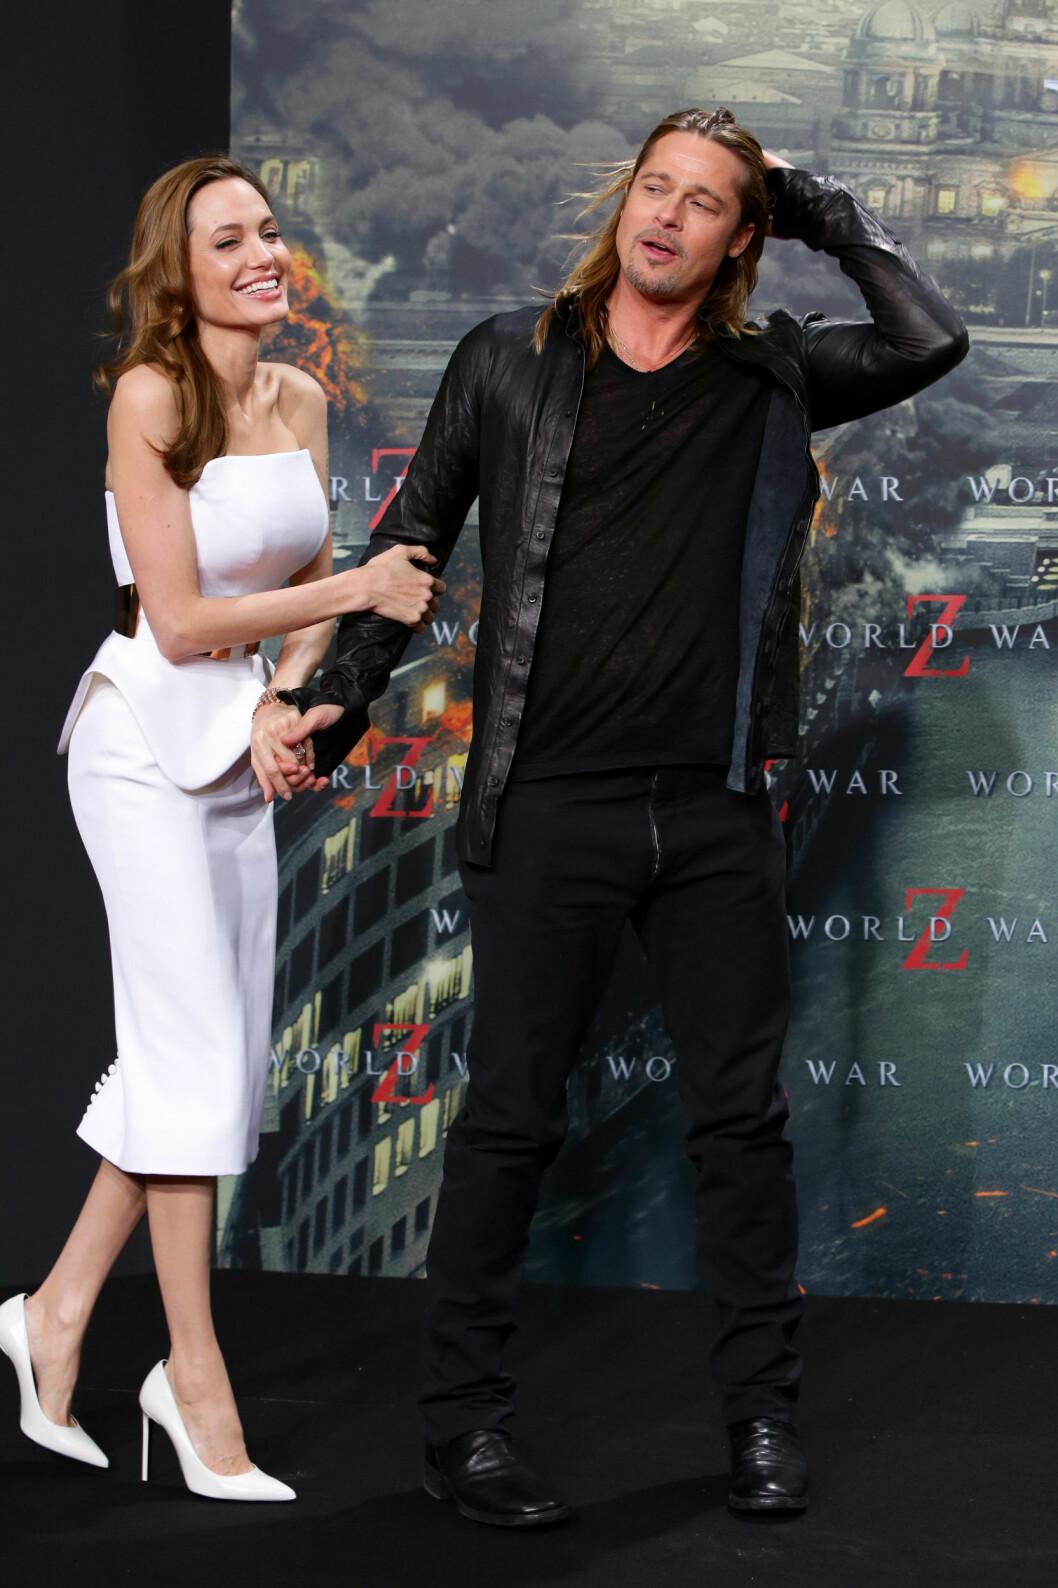 SA JA I FRANKRIKE: Angelina Jolie og Brad Pitt. Bildet er ikke fra bryllupet. Foto: All Over